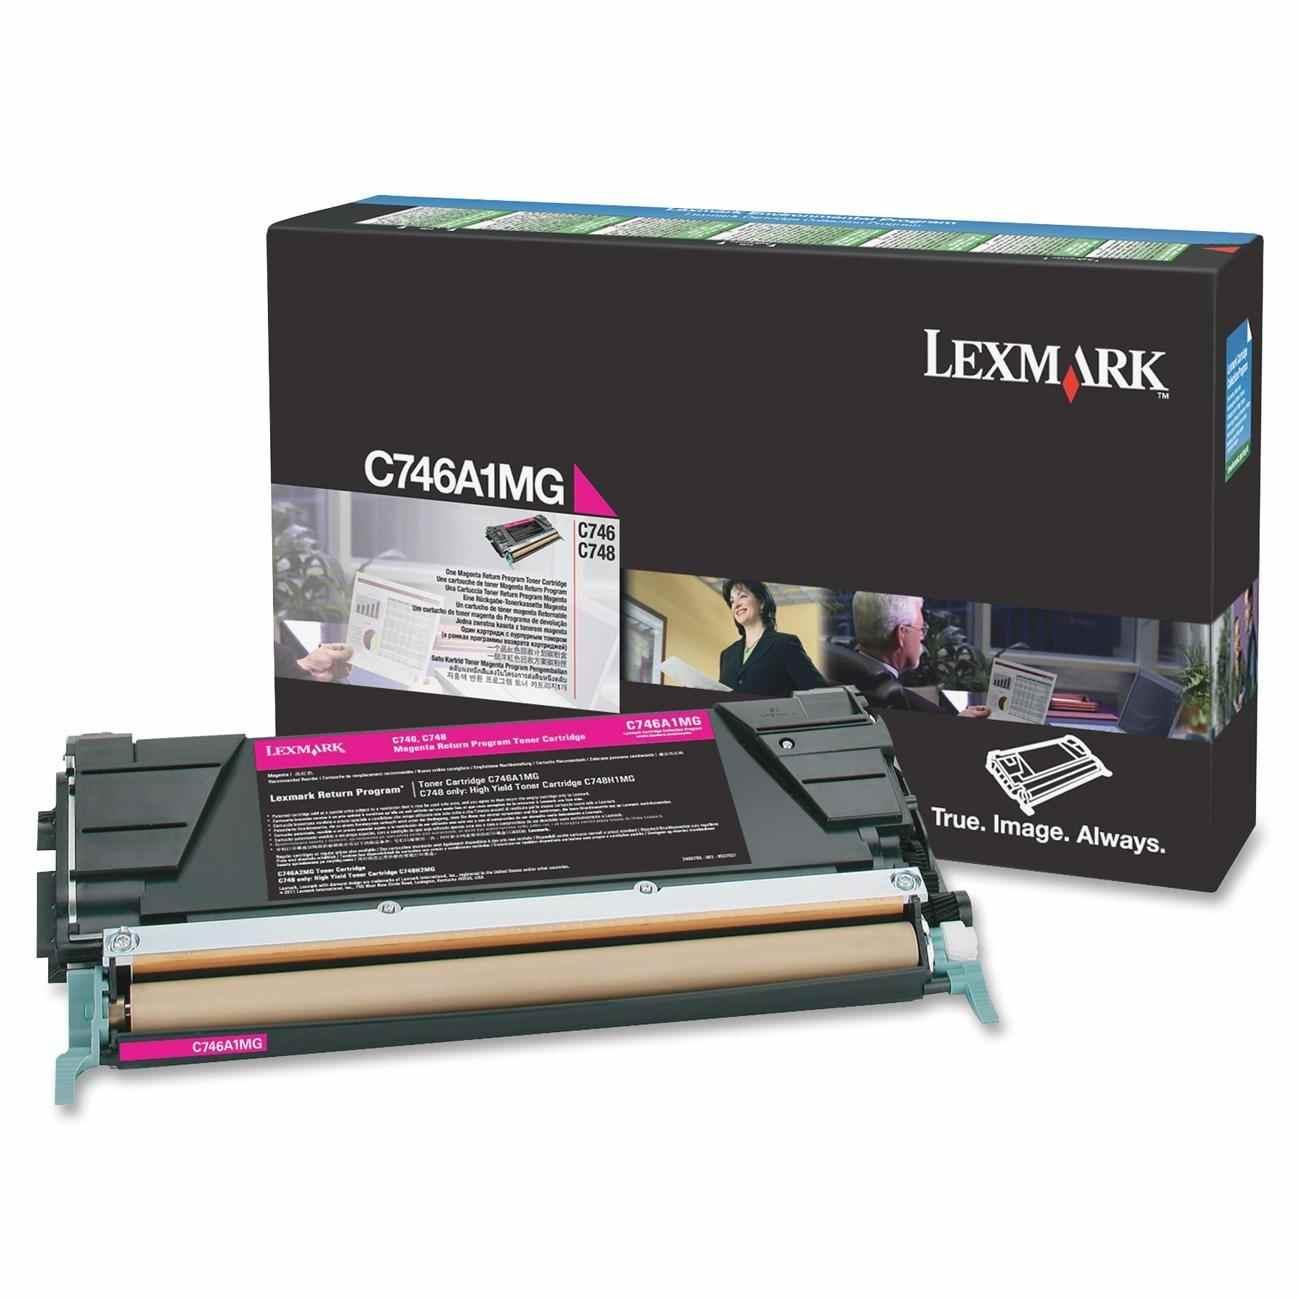 Ver Lexmark C746A1MG